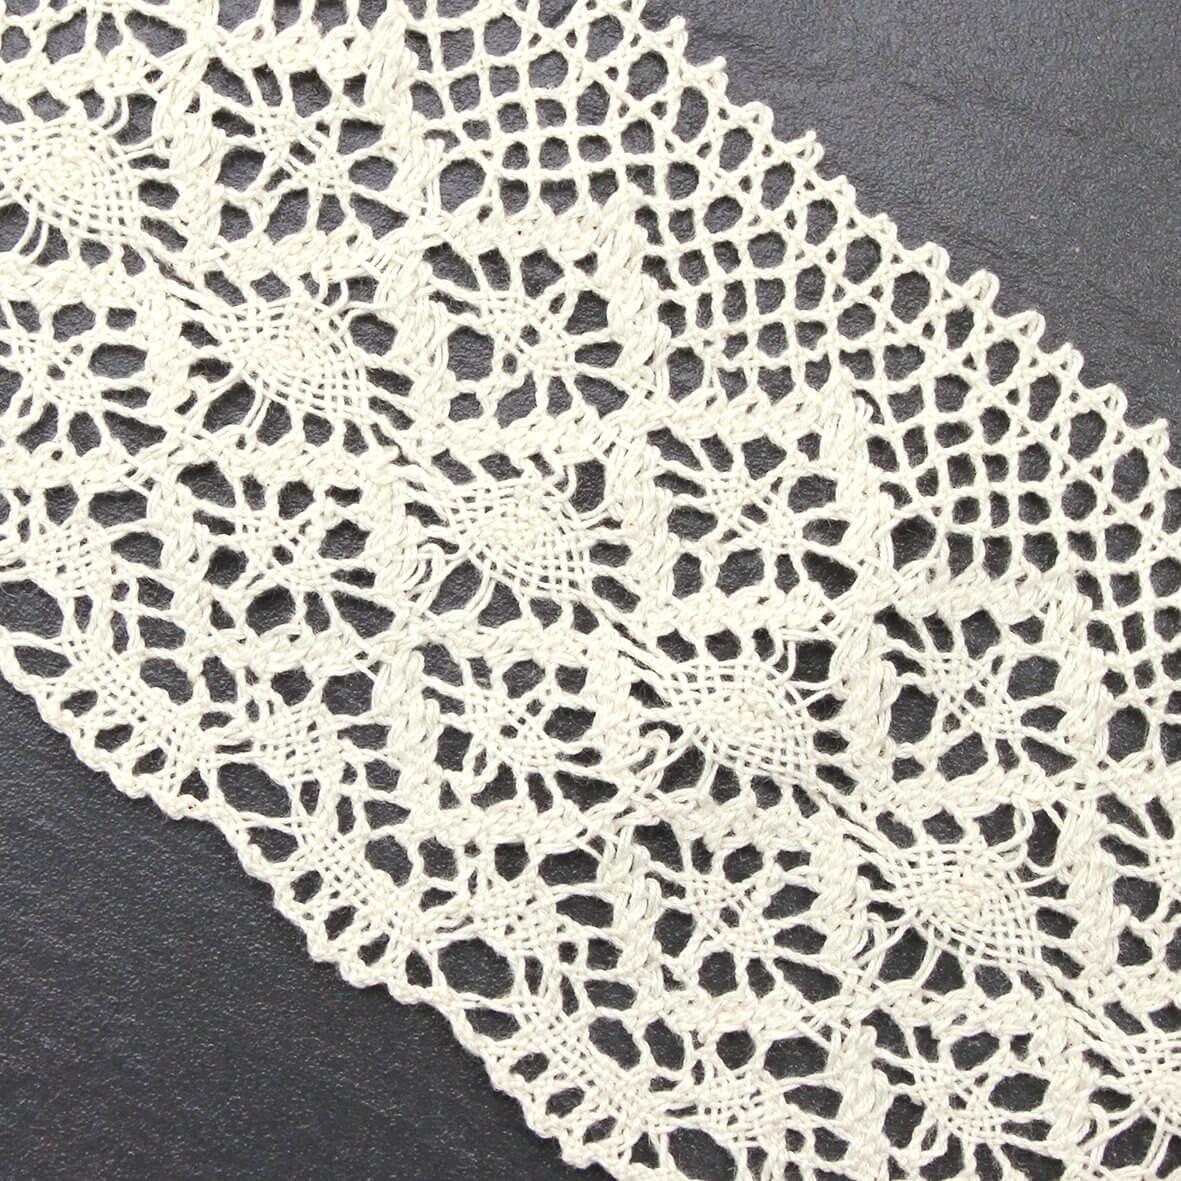 10cm Cotton Lace Trim